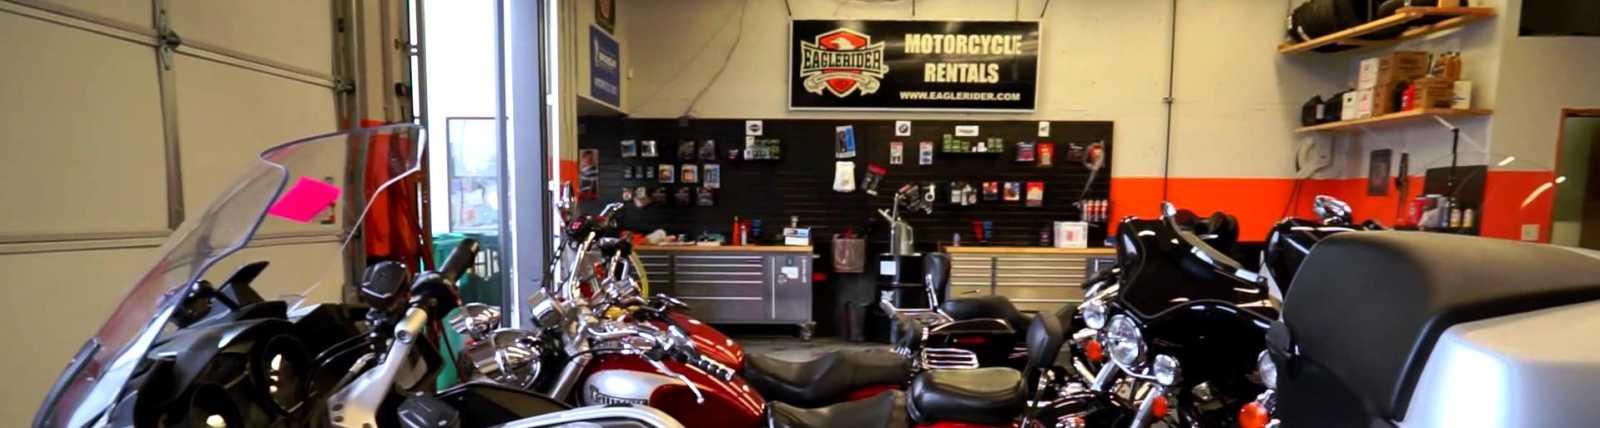 Eagle Rider Motorcycle Rentals